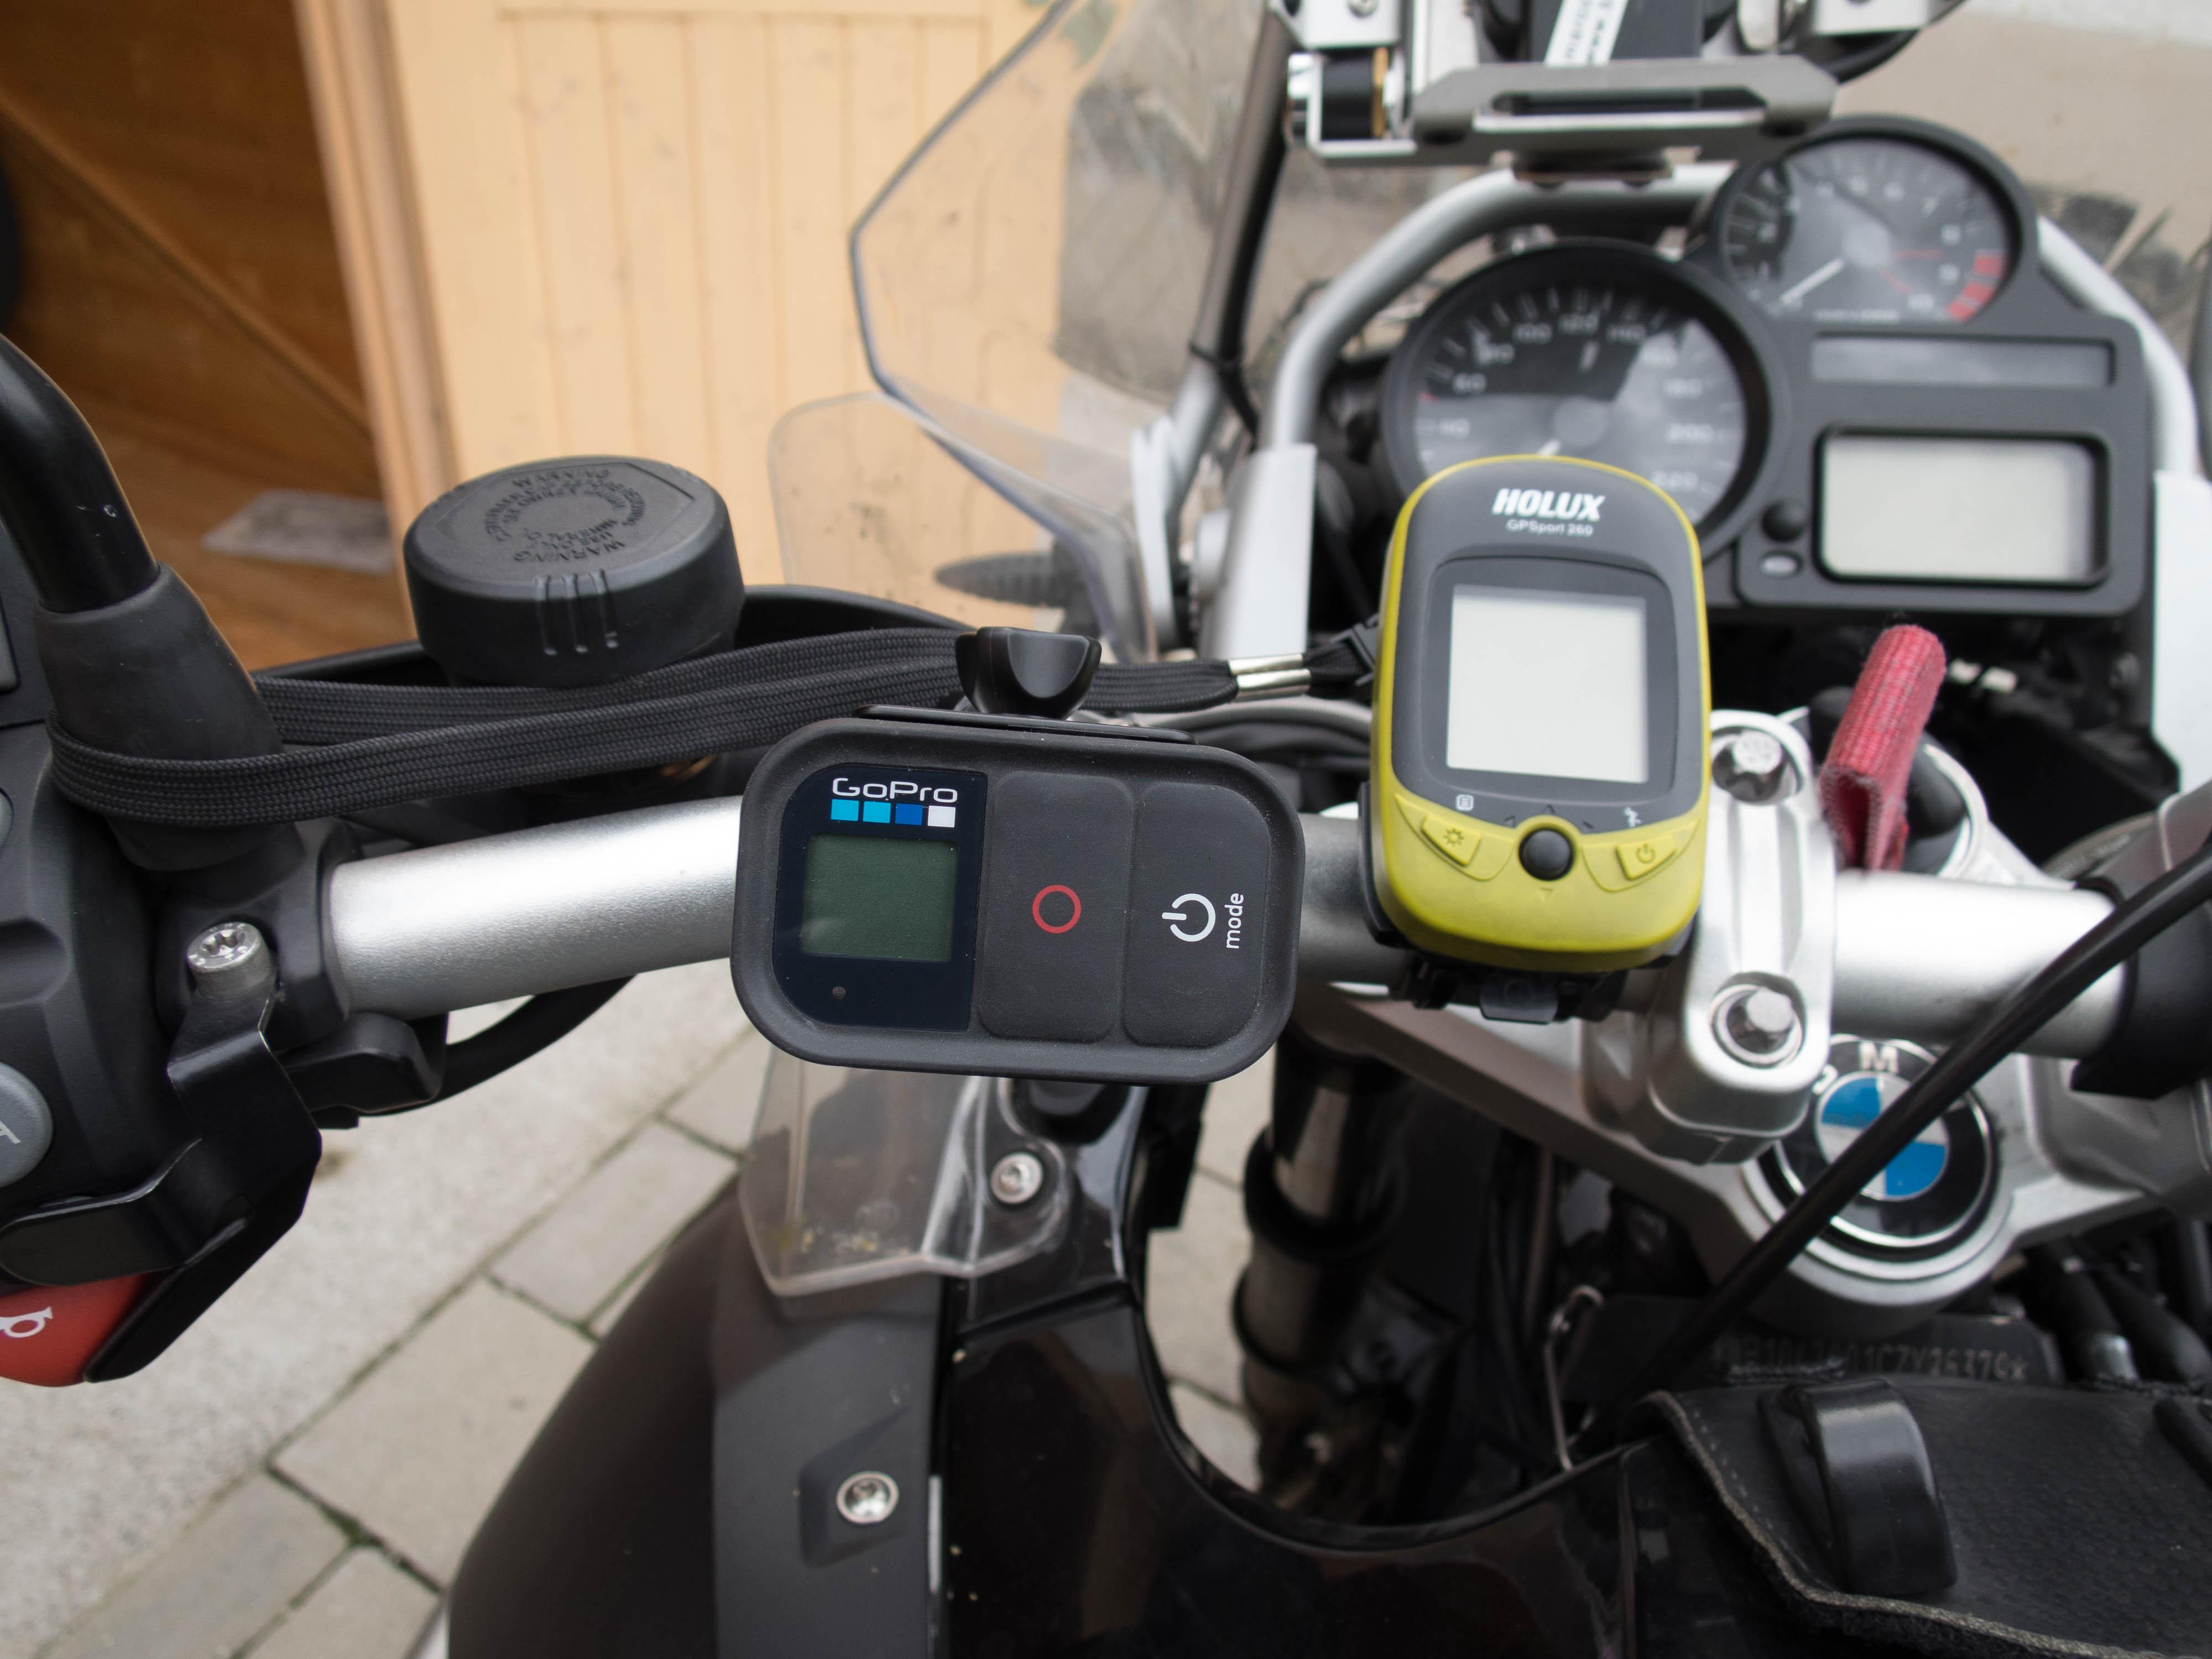 GoPro WiFi Remote beim fahren bedienen